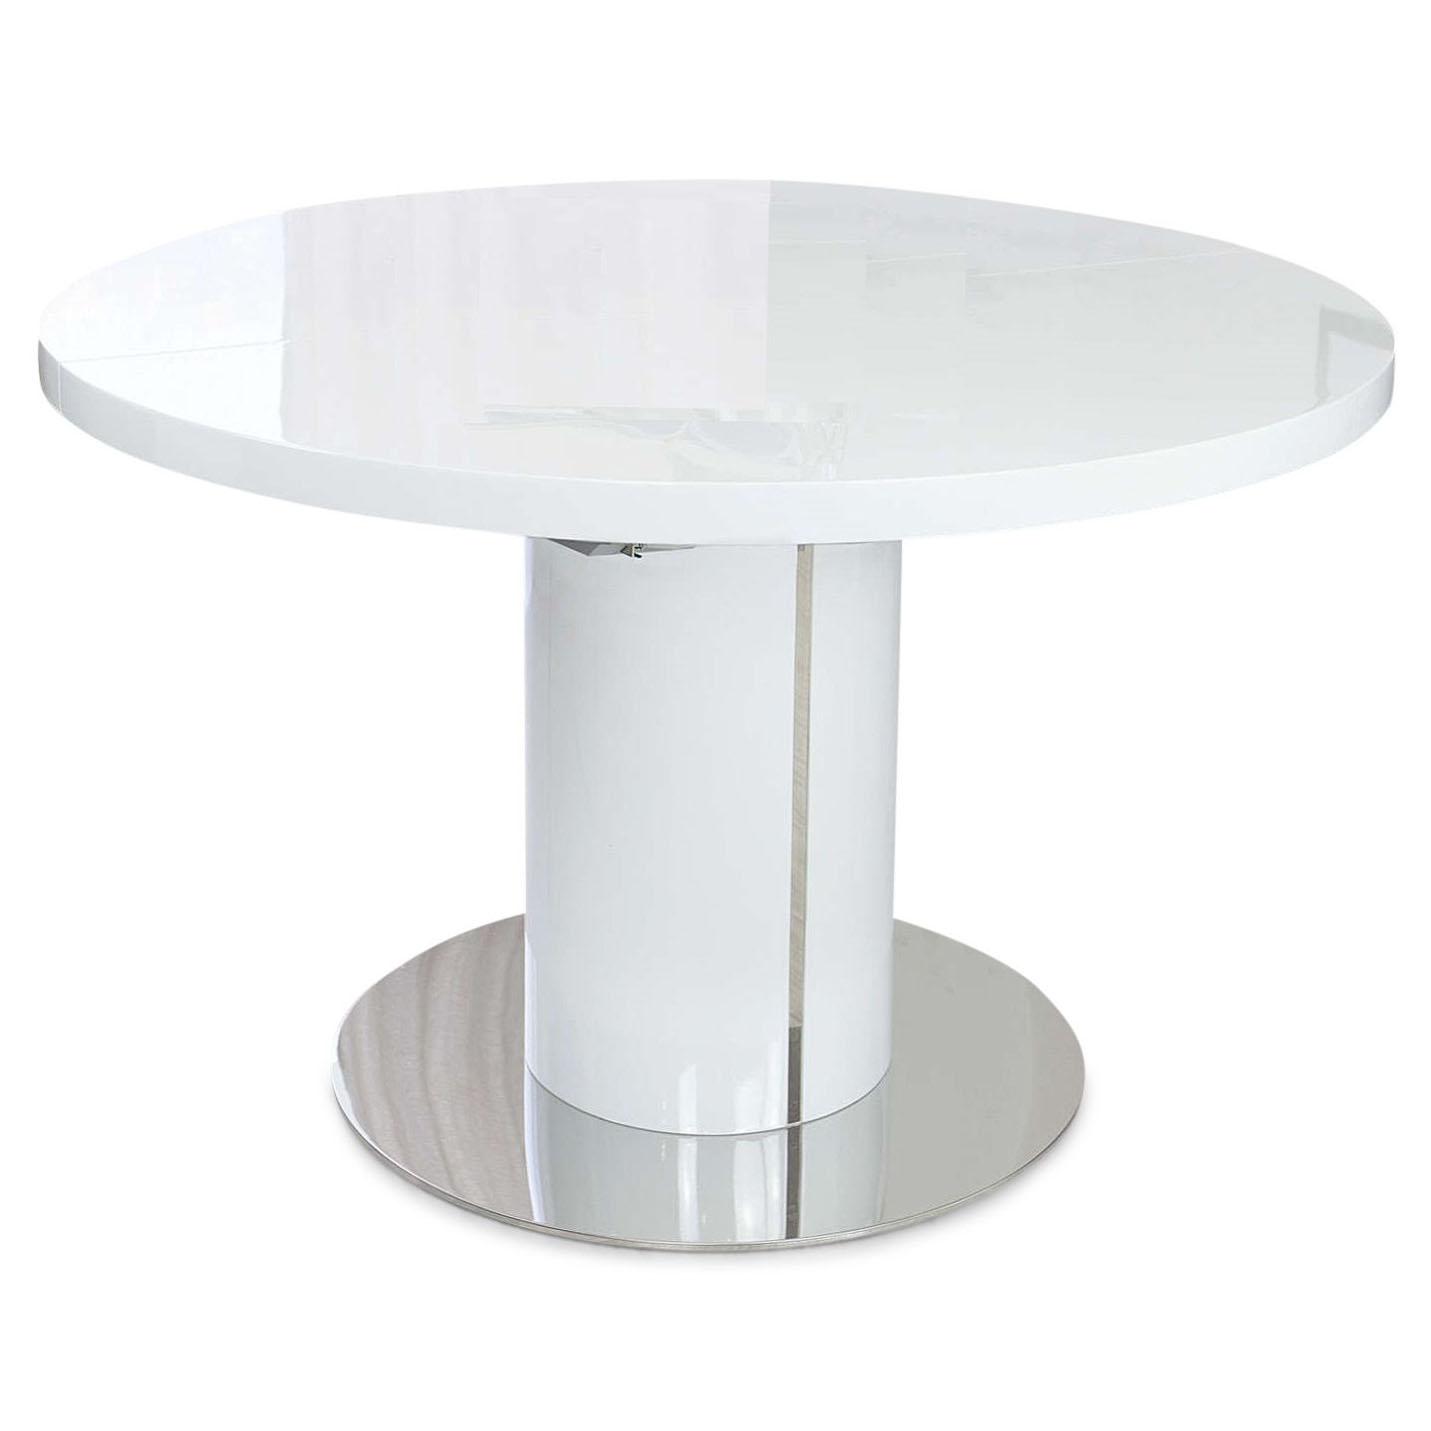 Varna Round Extending Dining Table 120-160cm White